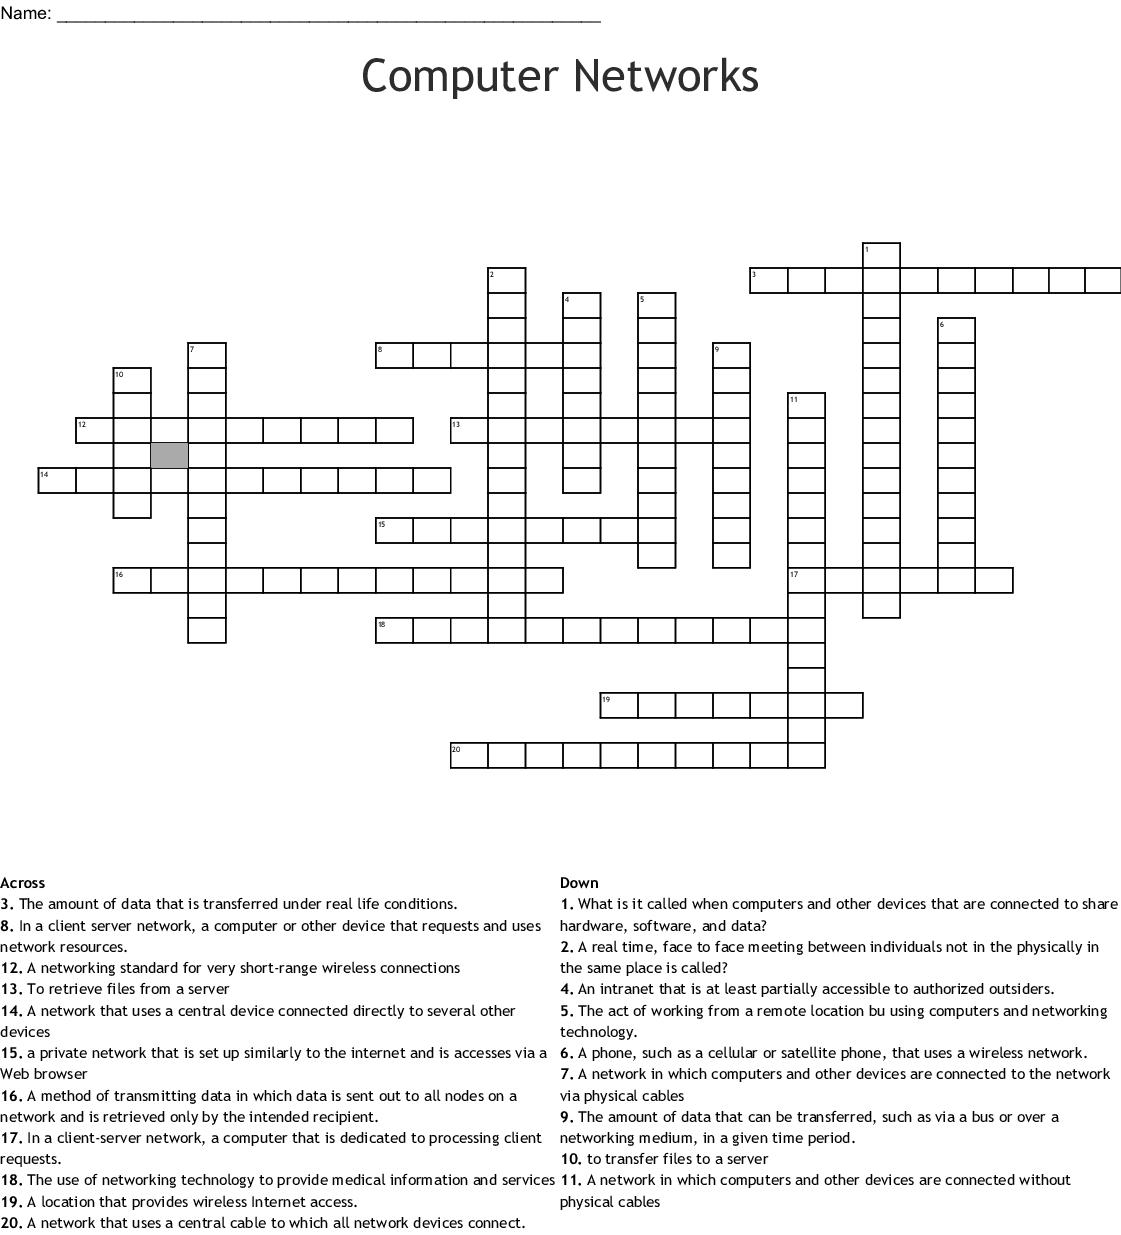 Computer Networks Crossword